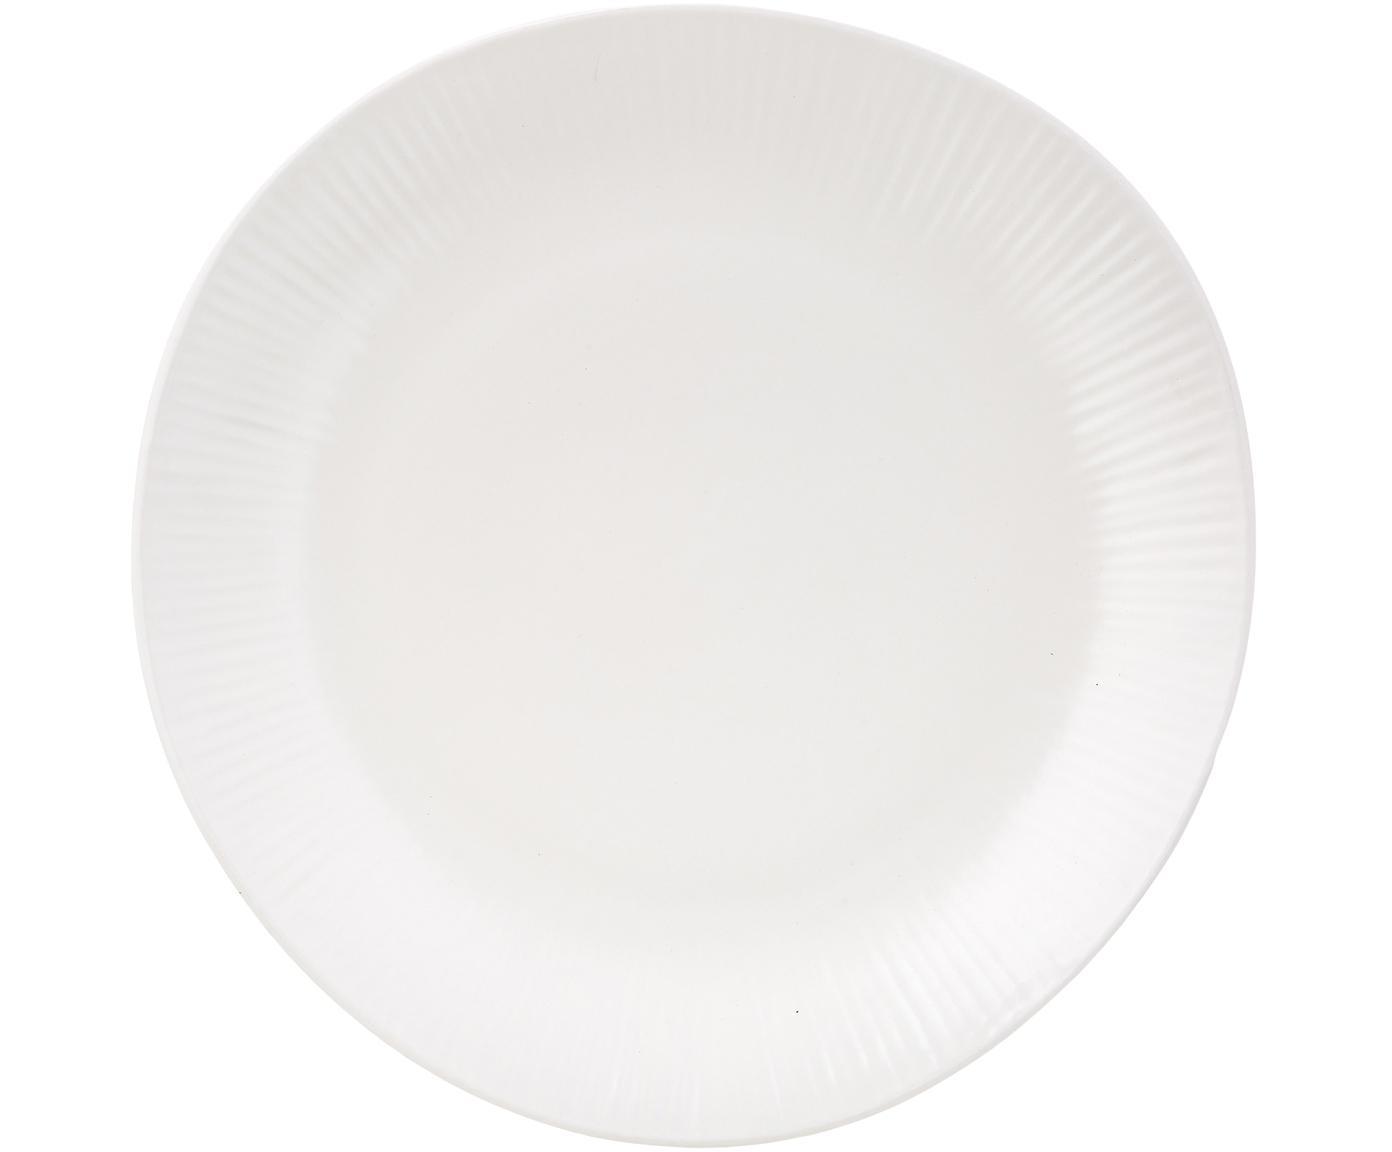 Handgefertigte Speiseteller Sandvig mit leichtem Rillenrelief, 4 Stück, Porzellan, durchgefärbt, Gebrochenes Weiß, Ø 27 cm